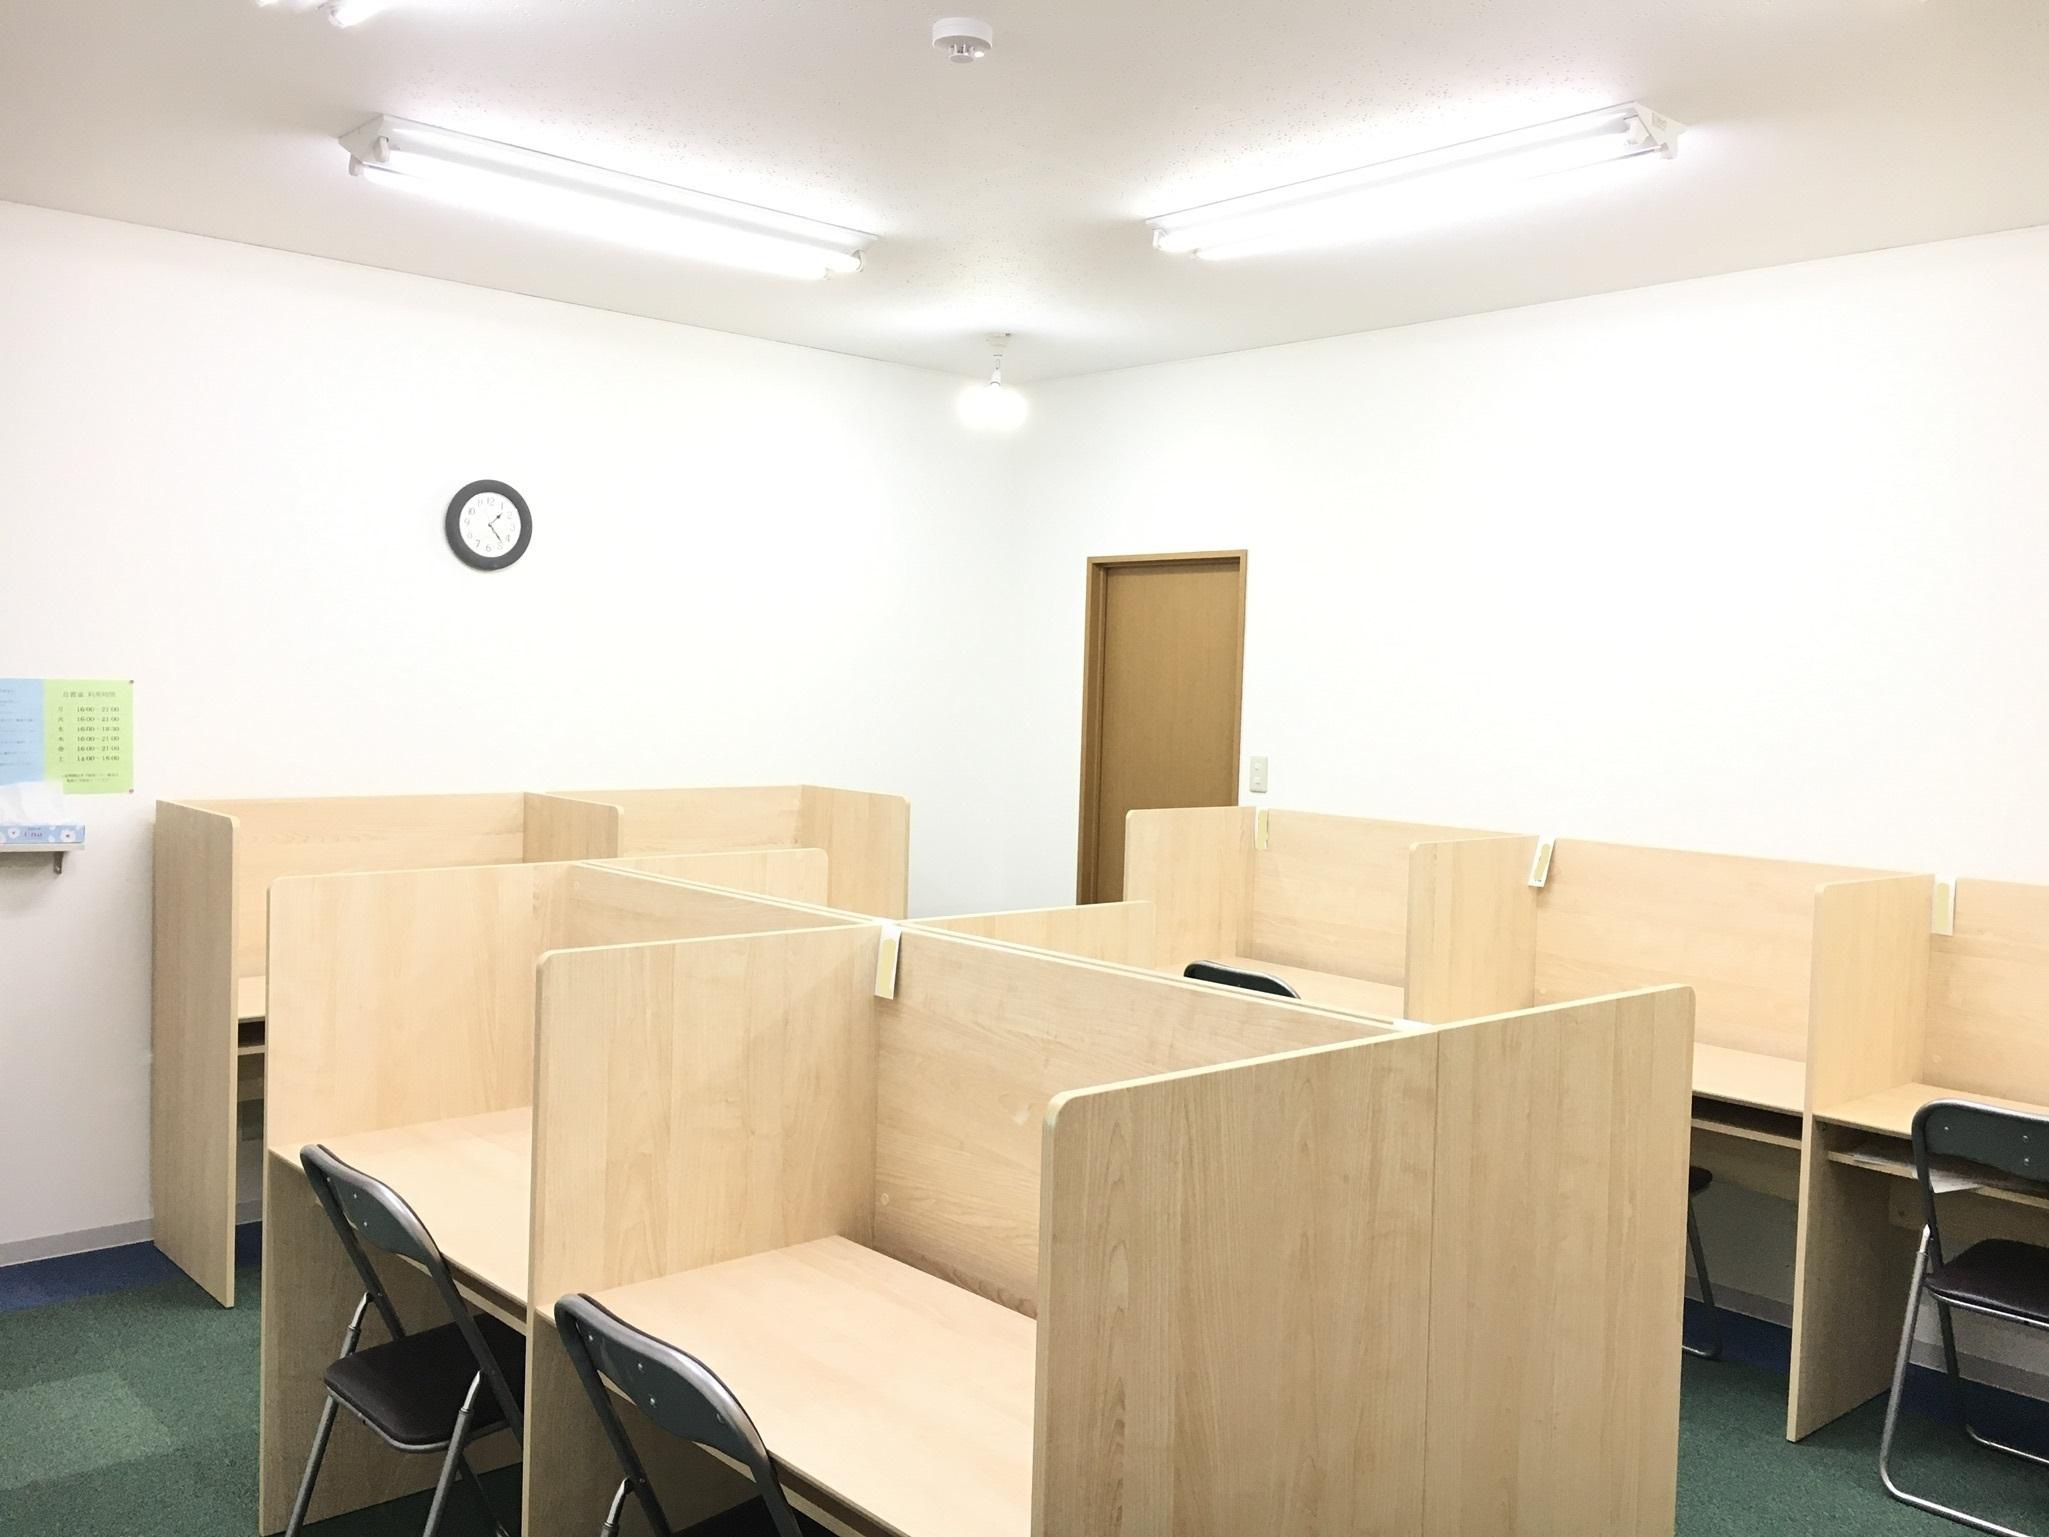 教室の様子_e0290029_16513863.jpg